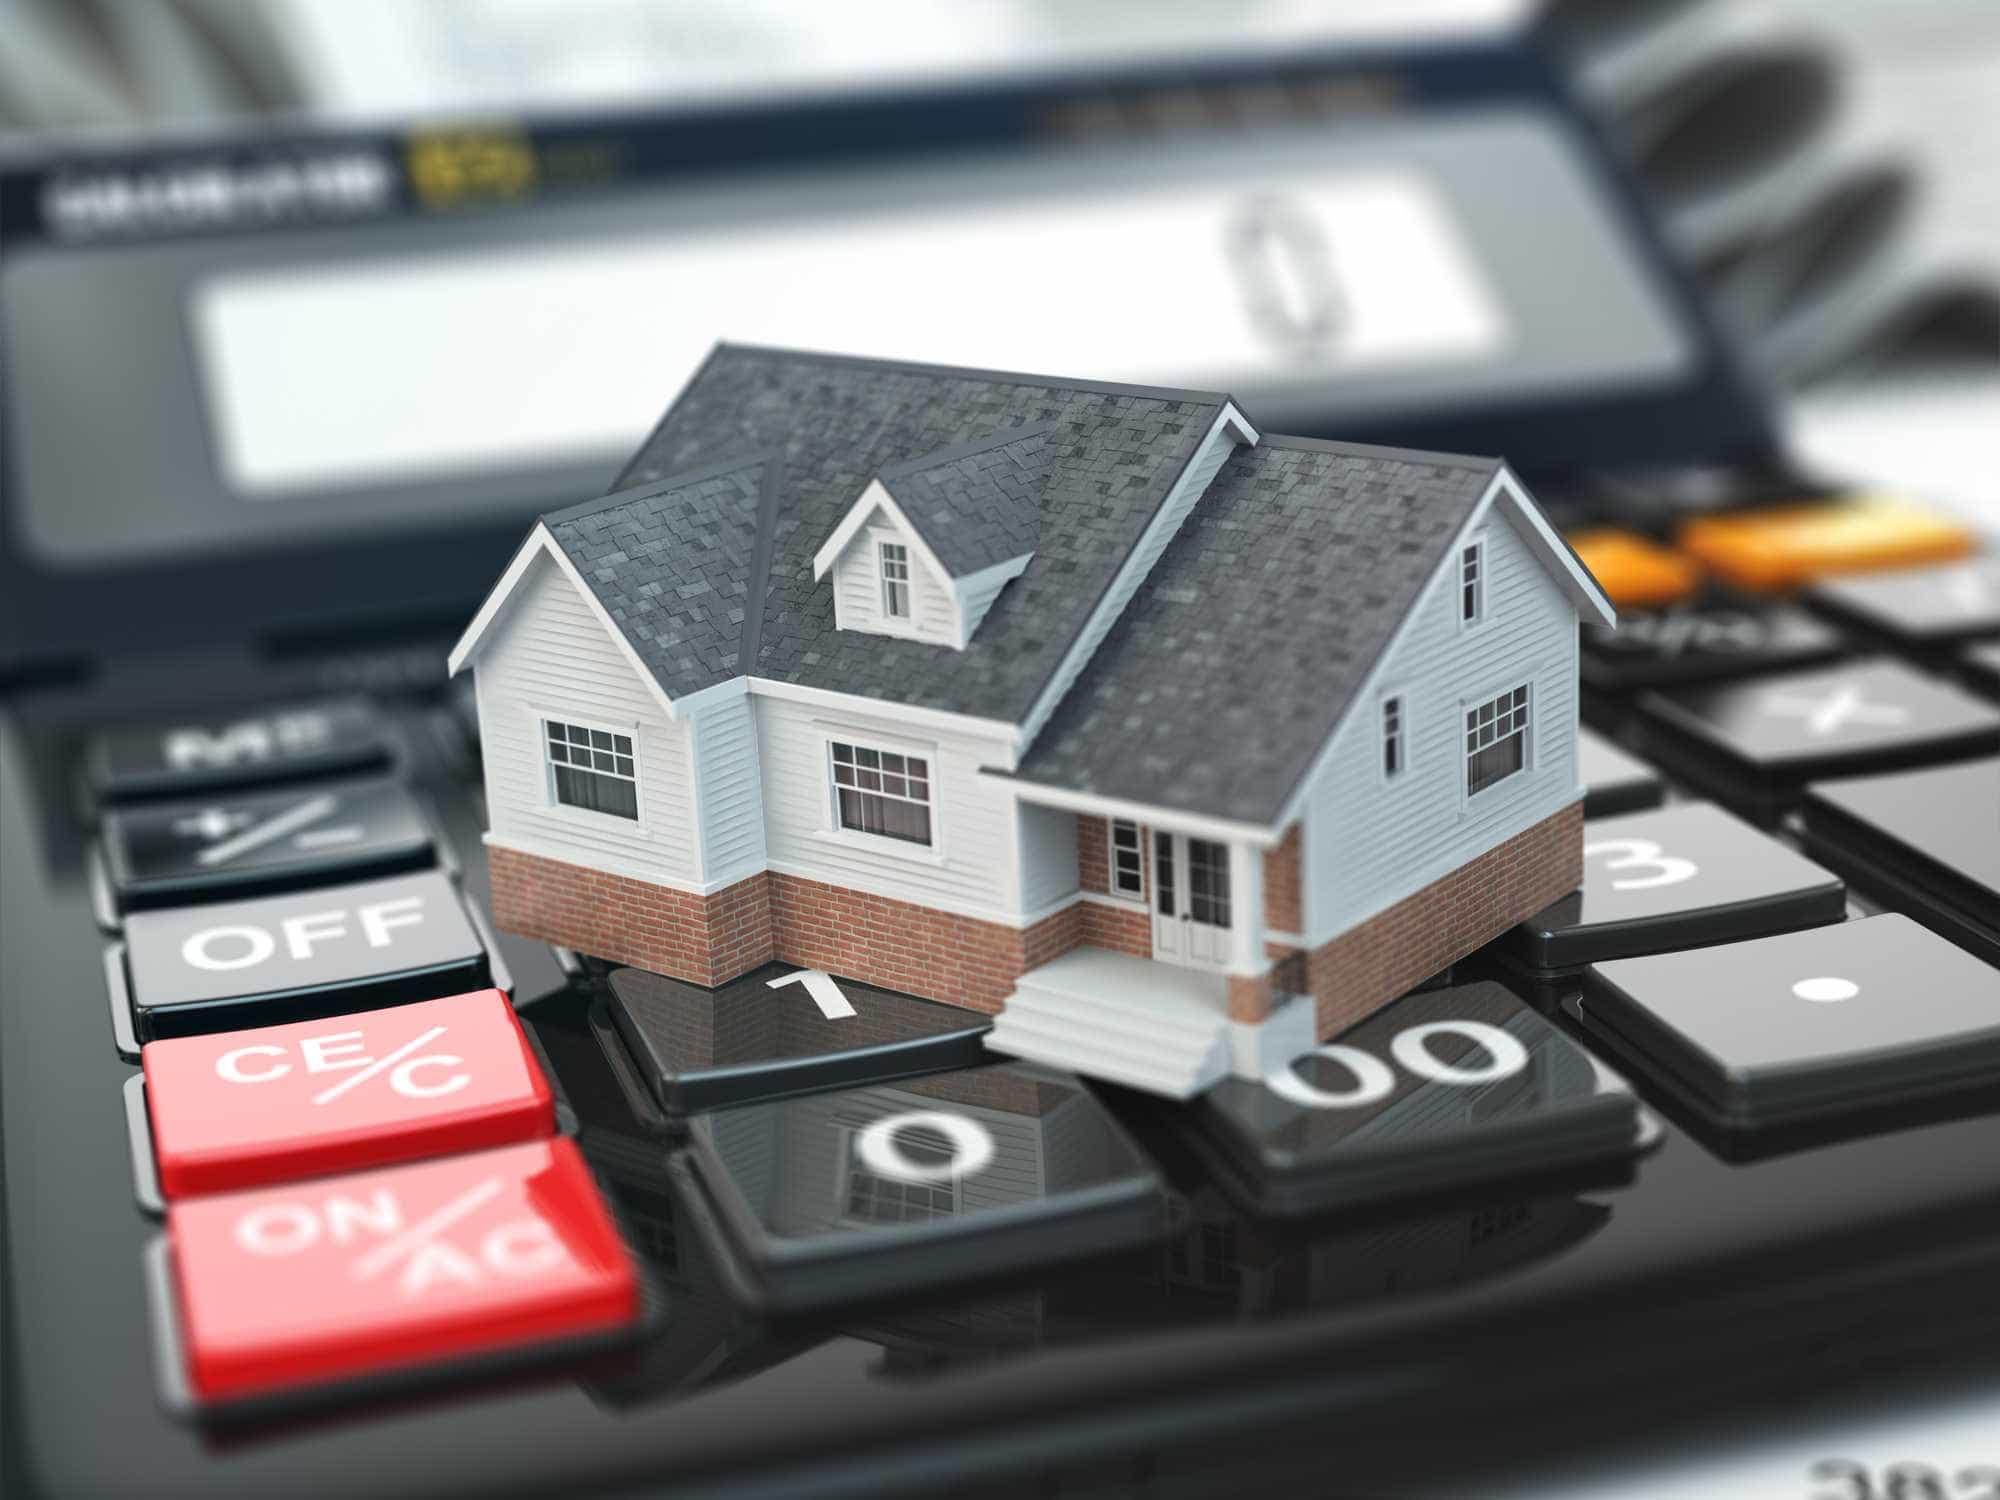 Está a pensar em comprar casa? Tome nota destes oito cuidados